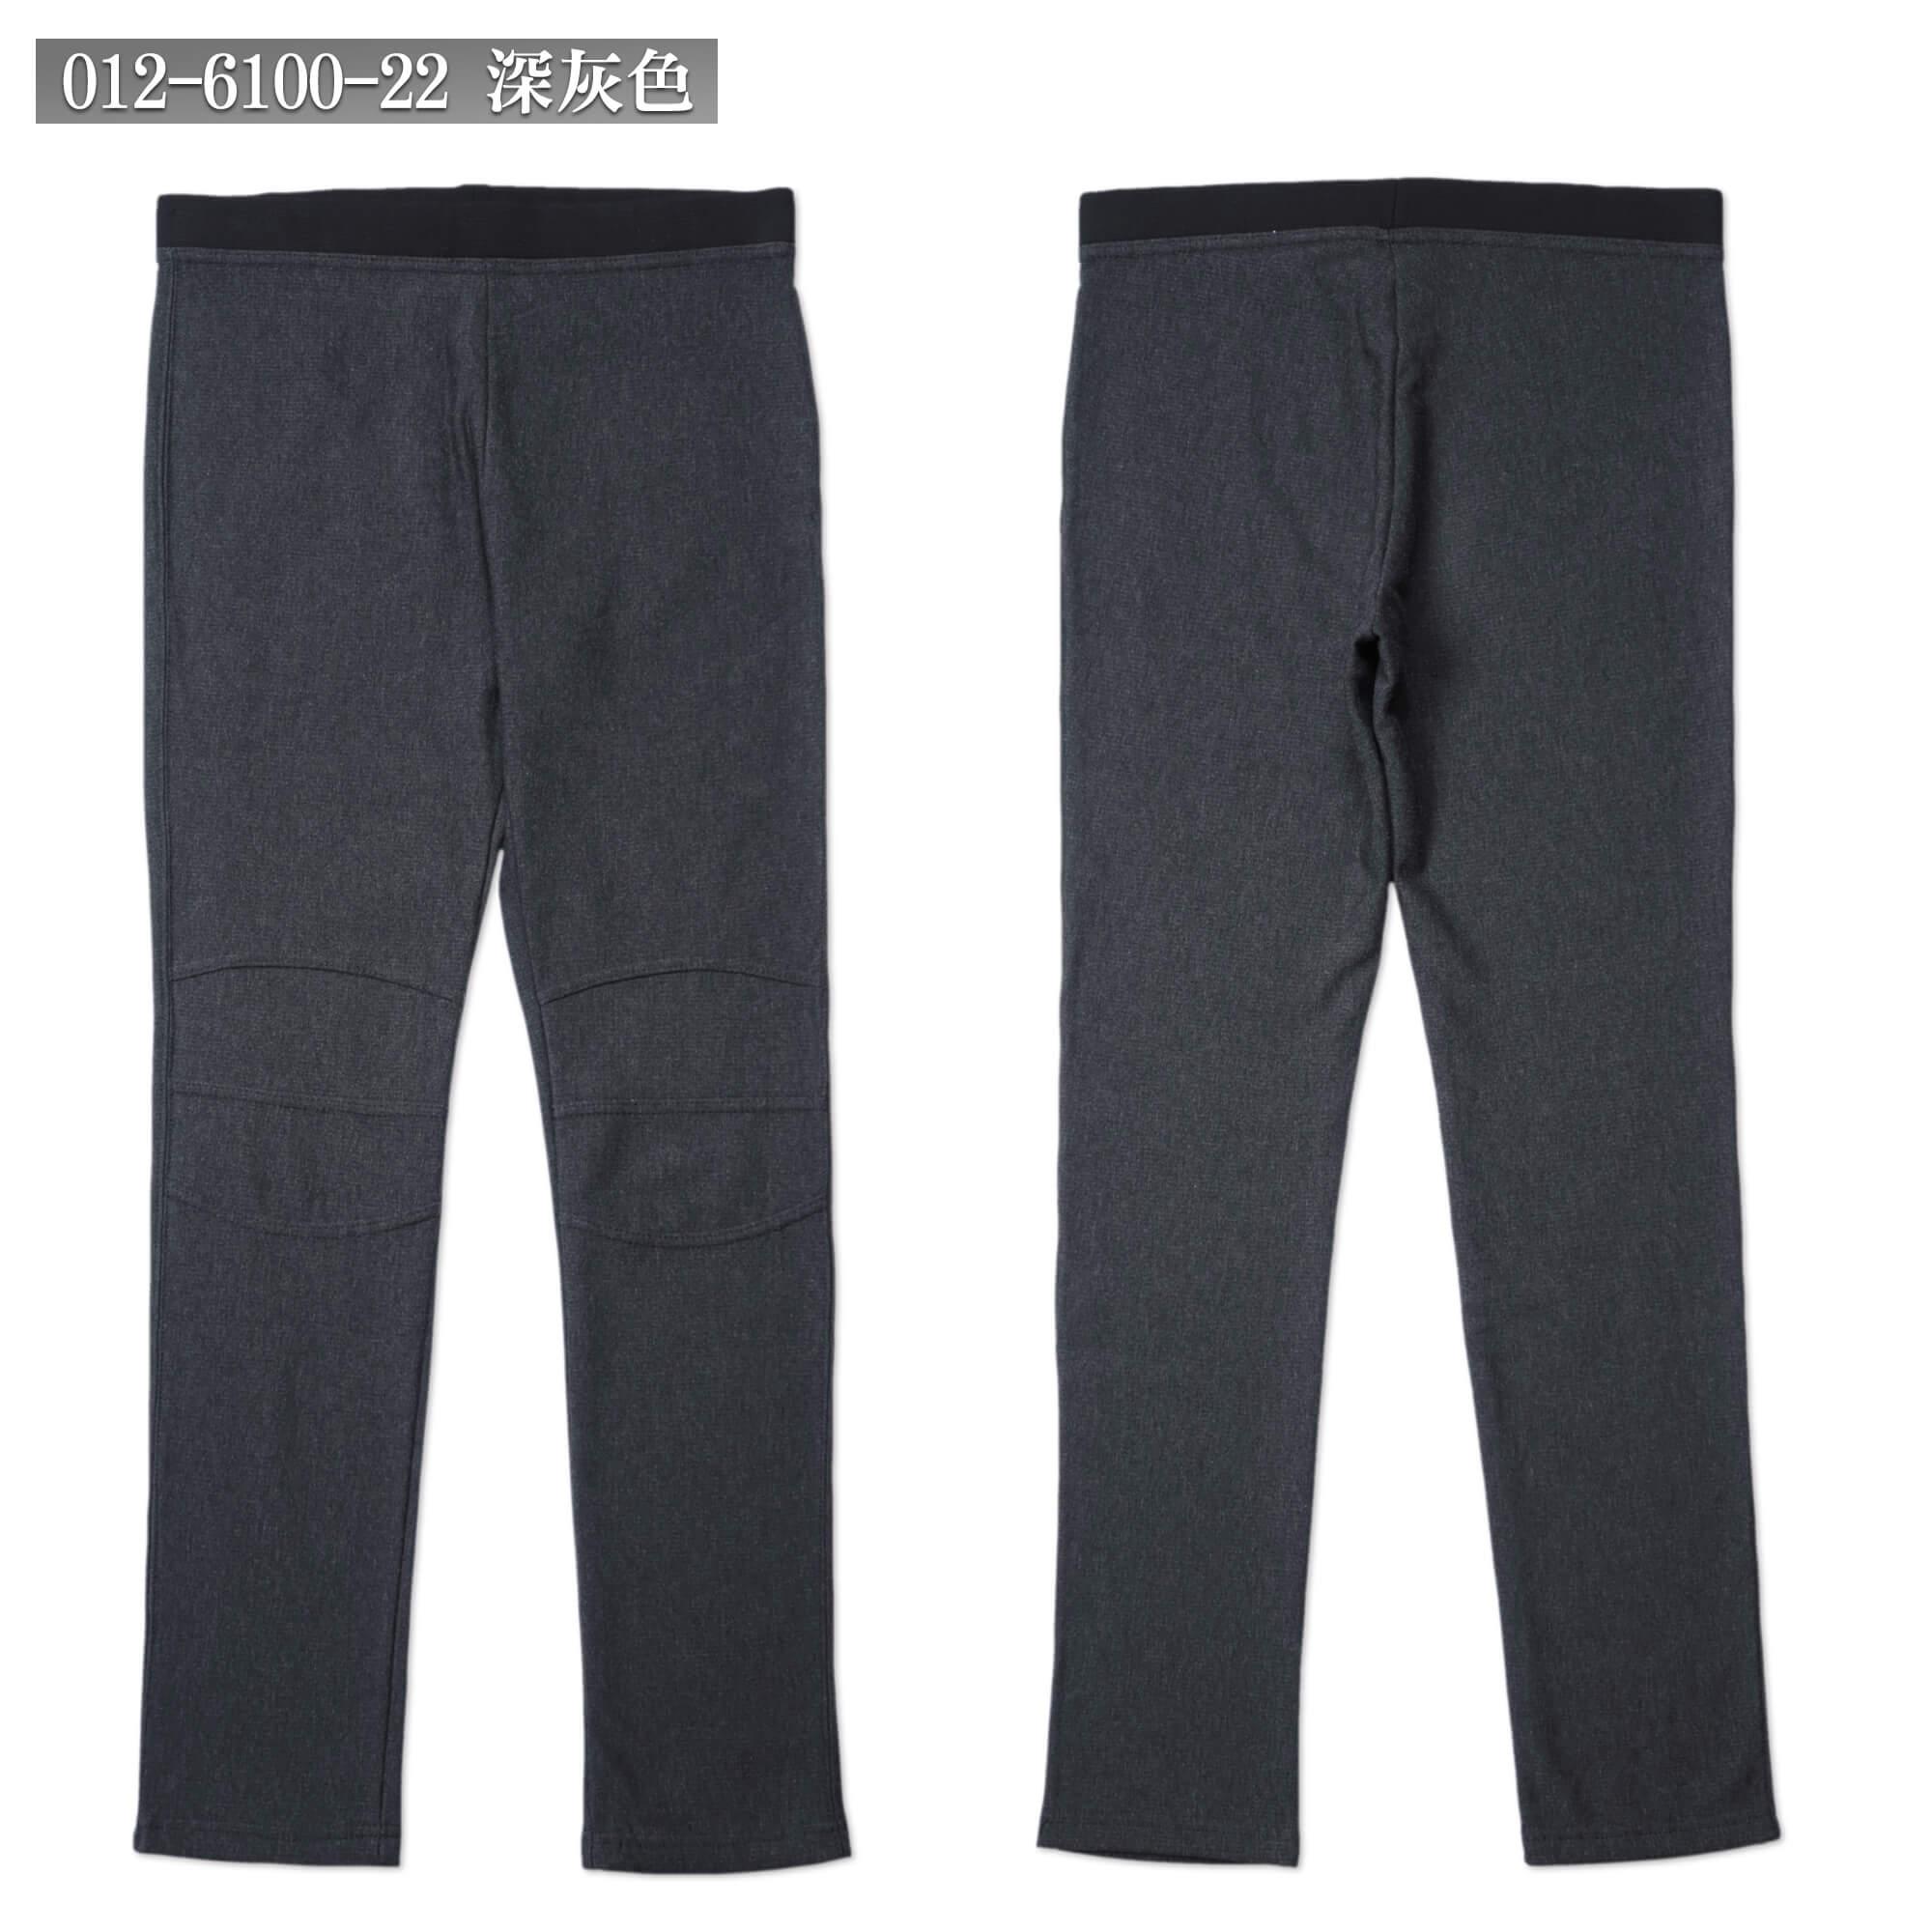 超保暖刷毛內搭褲 台灣製內搭褲 超彈力內搭褲 精絲保暖褲 修身顯瘦長褲 內裡刷毛 全腰圍配色寬版鬆緊帶 黑色長褲 MADE IN TAIWAN WARM PANTS FLEECE LINED LEGGINGS (012-6100-21)黑色、(012-6100-22)深灰色 腰圍M L XL(26~31英吋) 女 [實體店面保障] sun-e 2